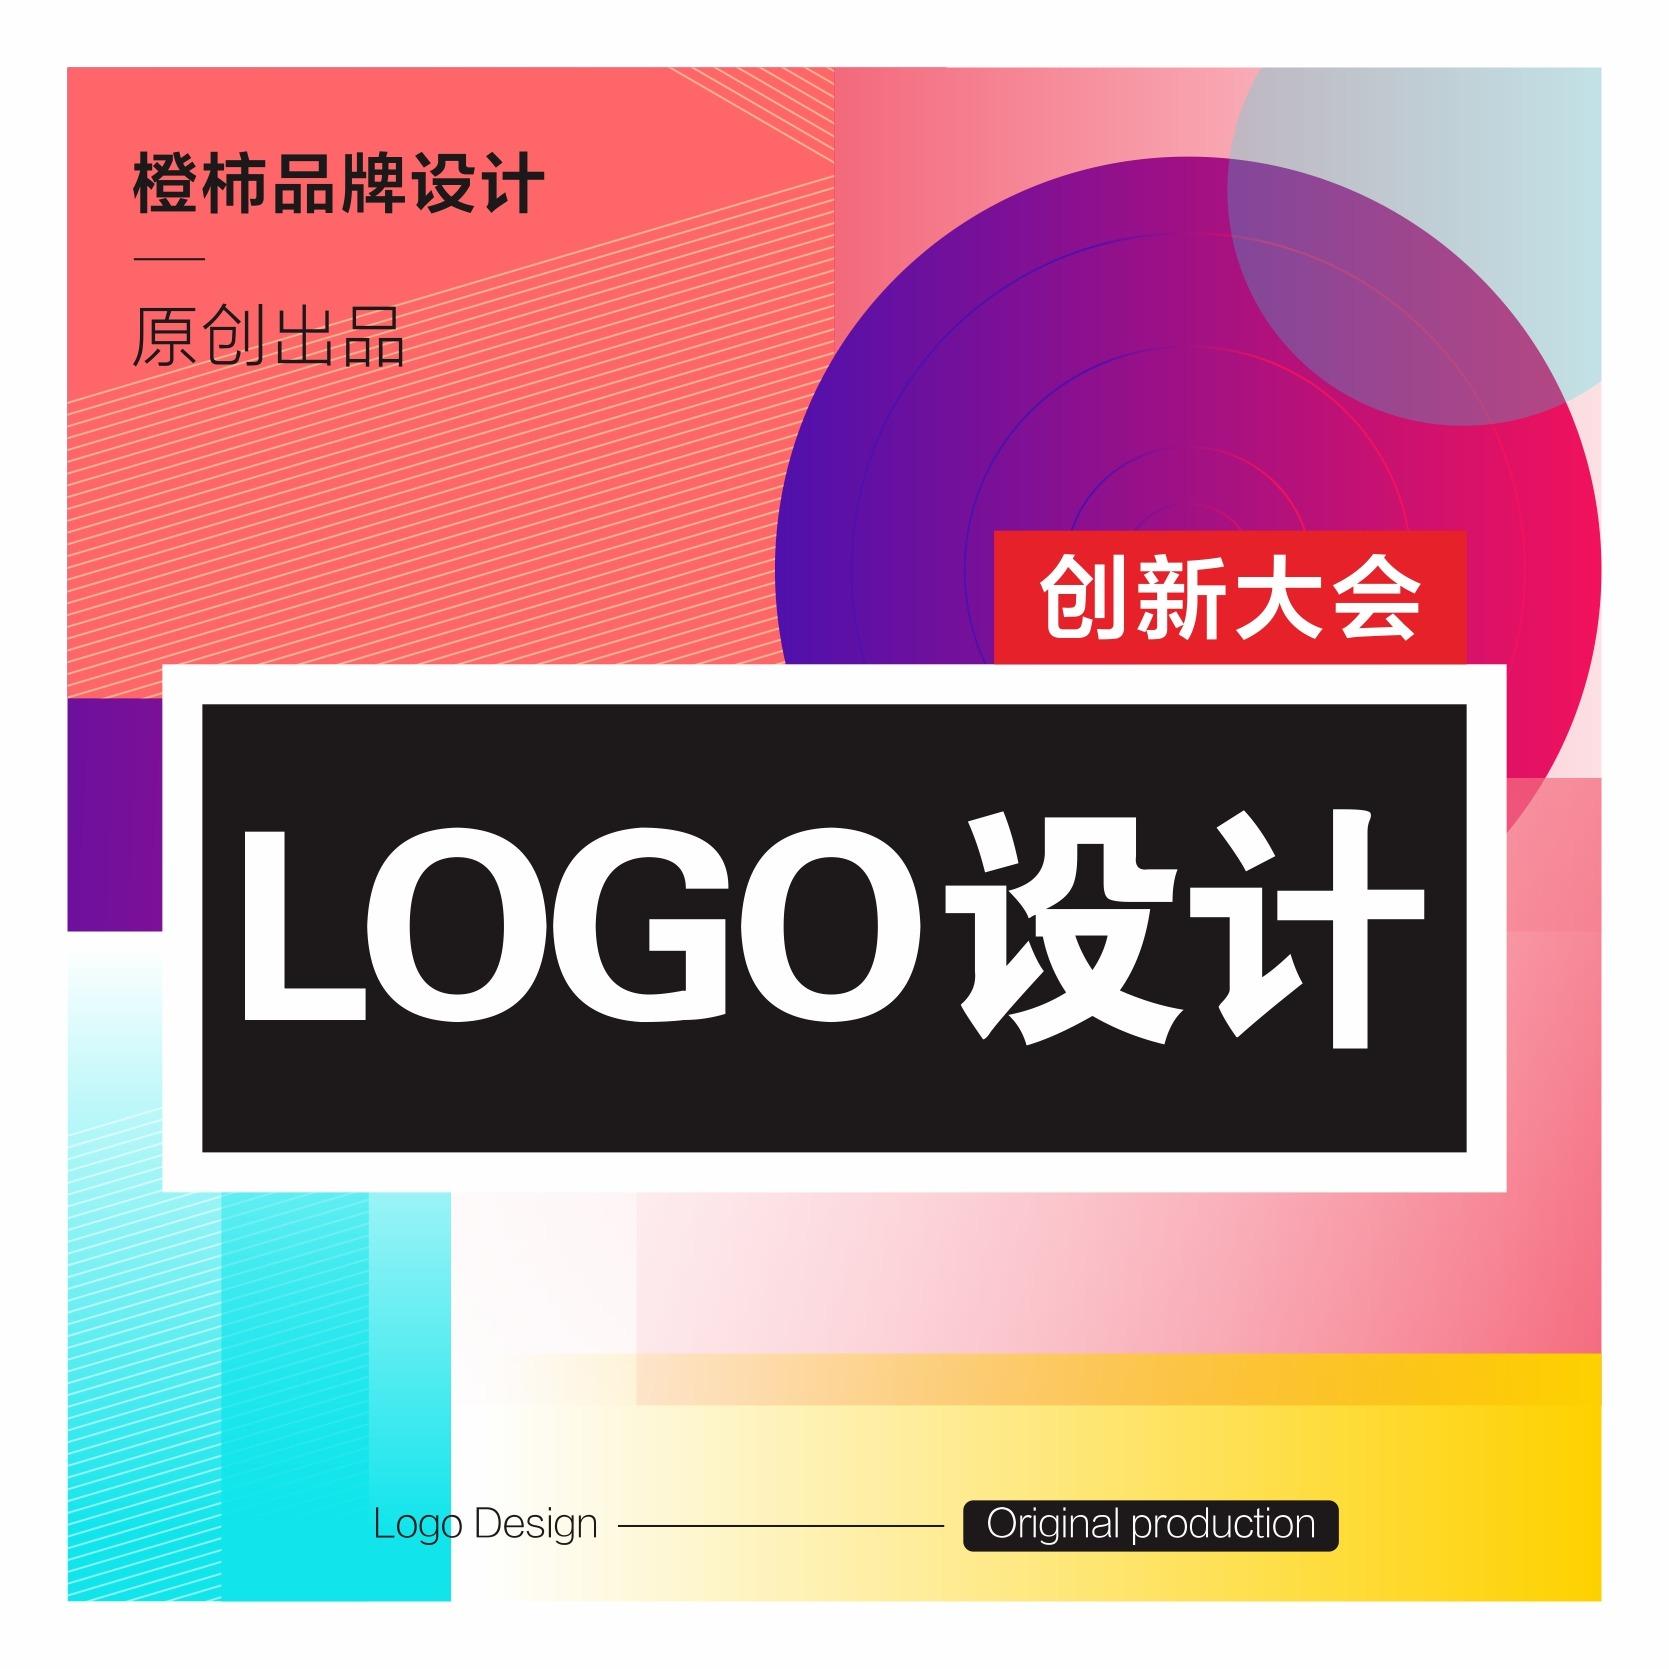 工作室网店兴趣社团LOGO设计服装服饰手绘立体LOGO设计